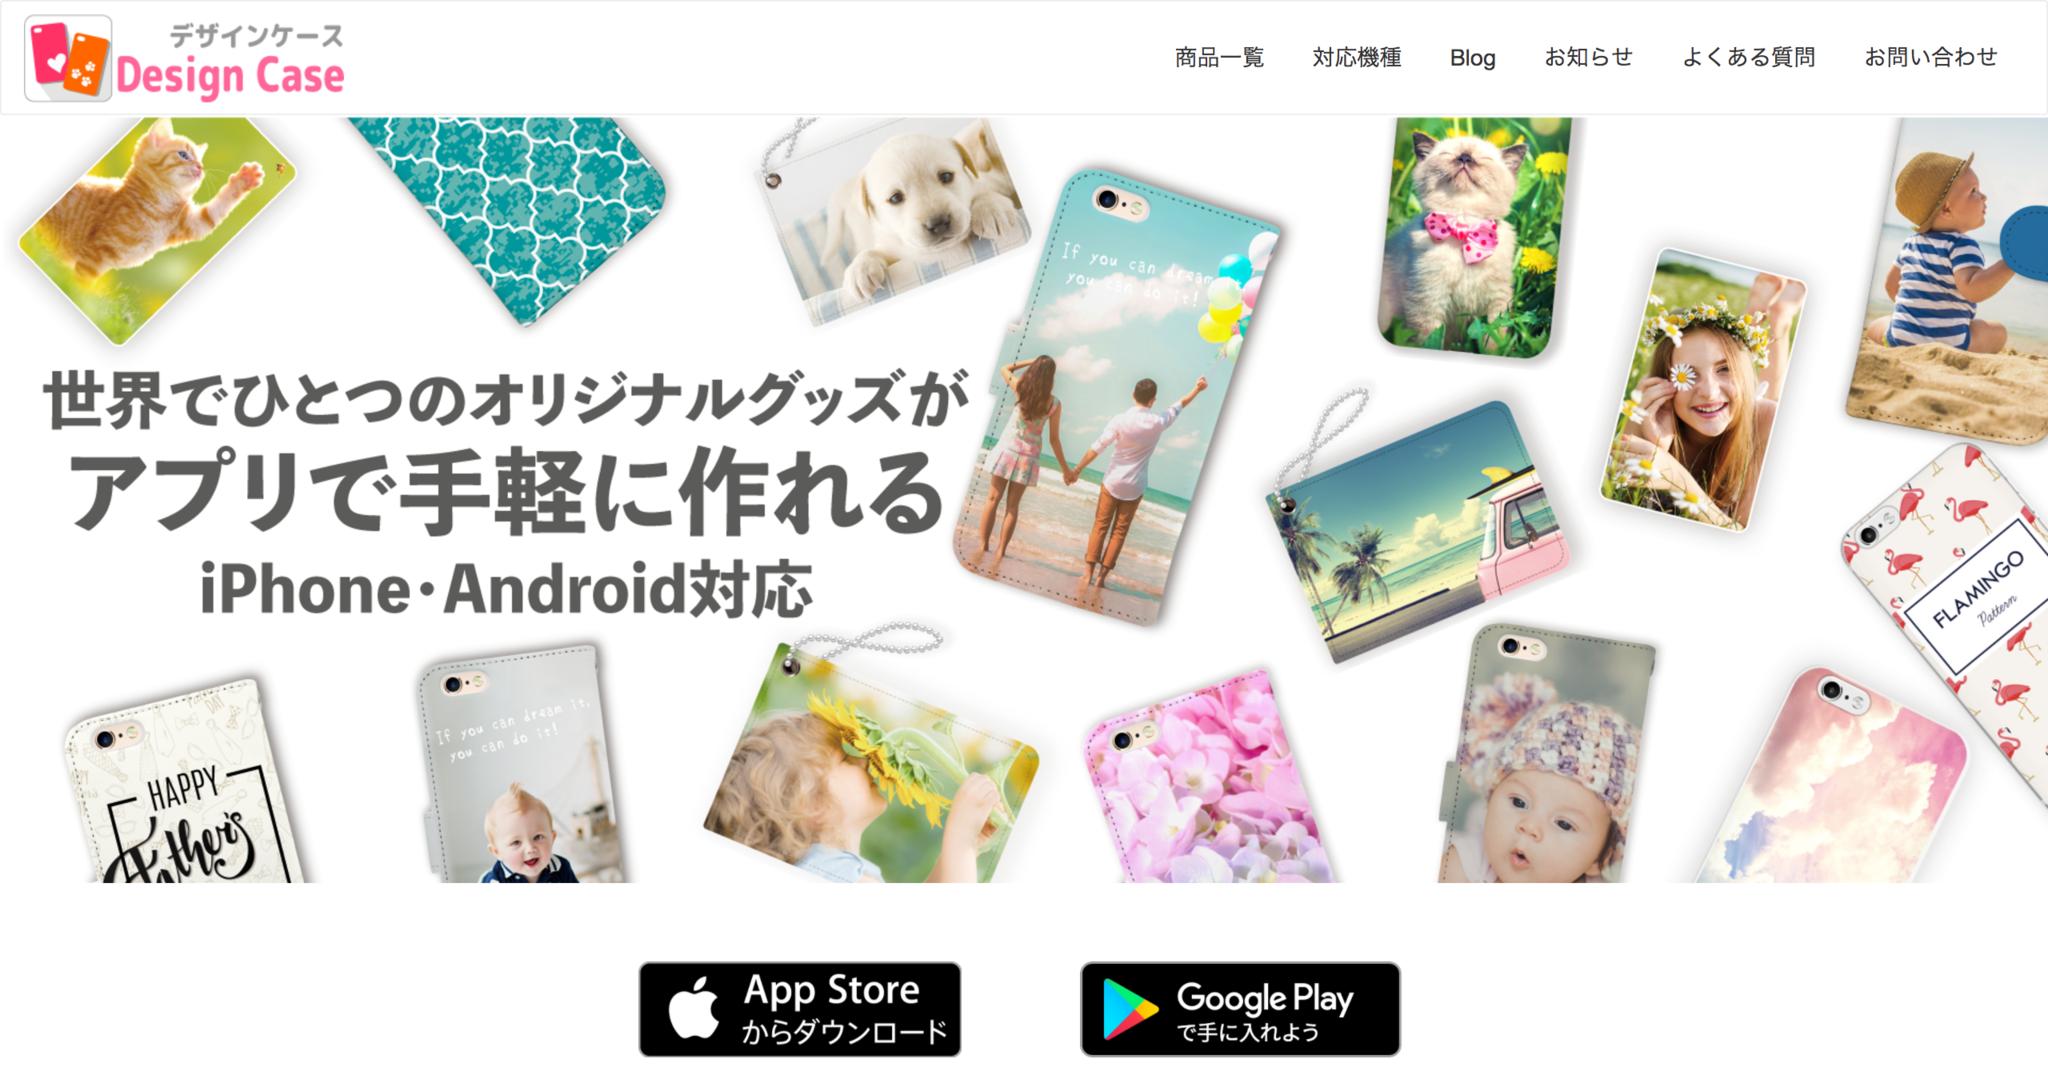 オリジナルスマホケース・カバーはデザインケース_iPhone_Android.png